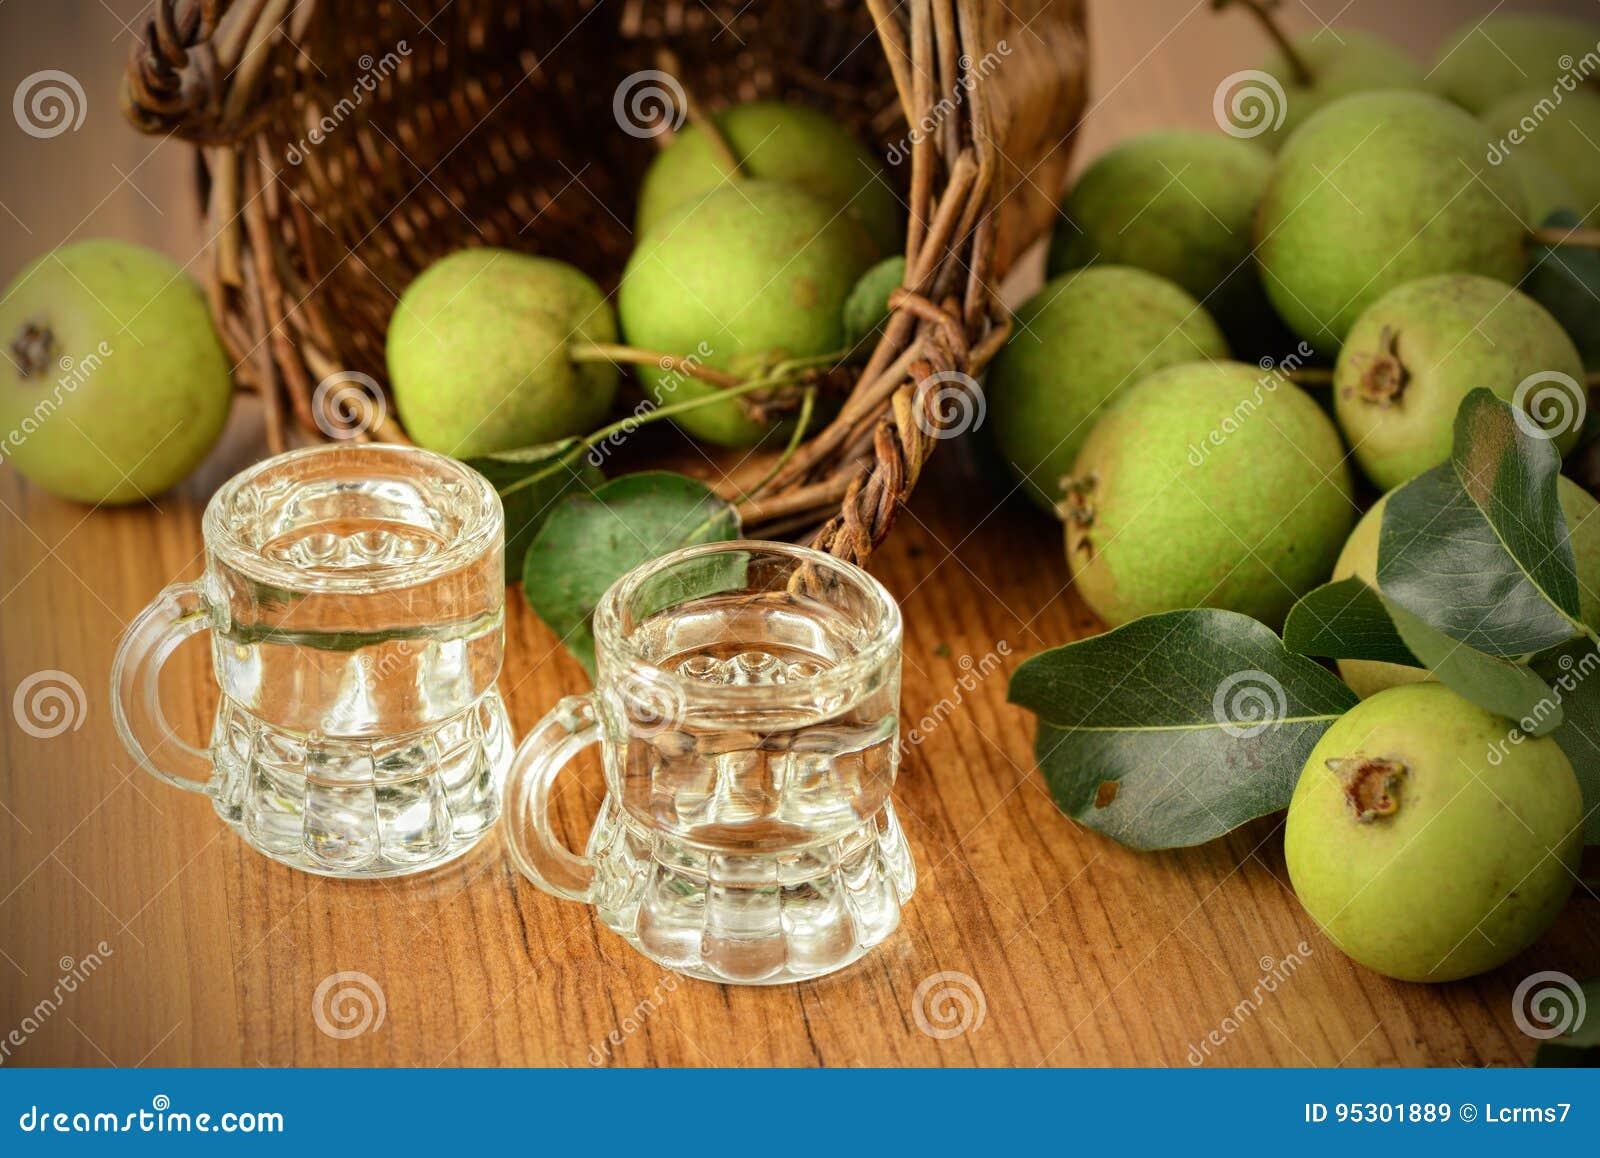 Κλασσικό ποτό αχλαδιών φιαγμένο από ευρωπαϊκό άγριο αχλάδι